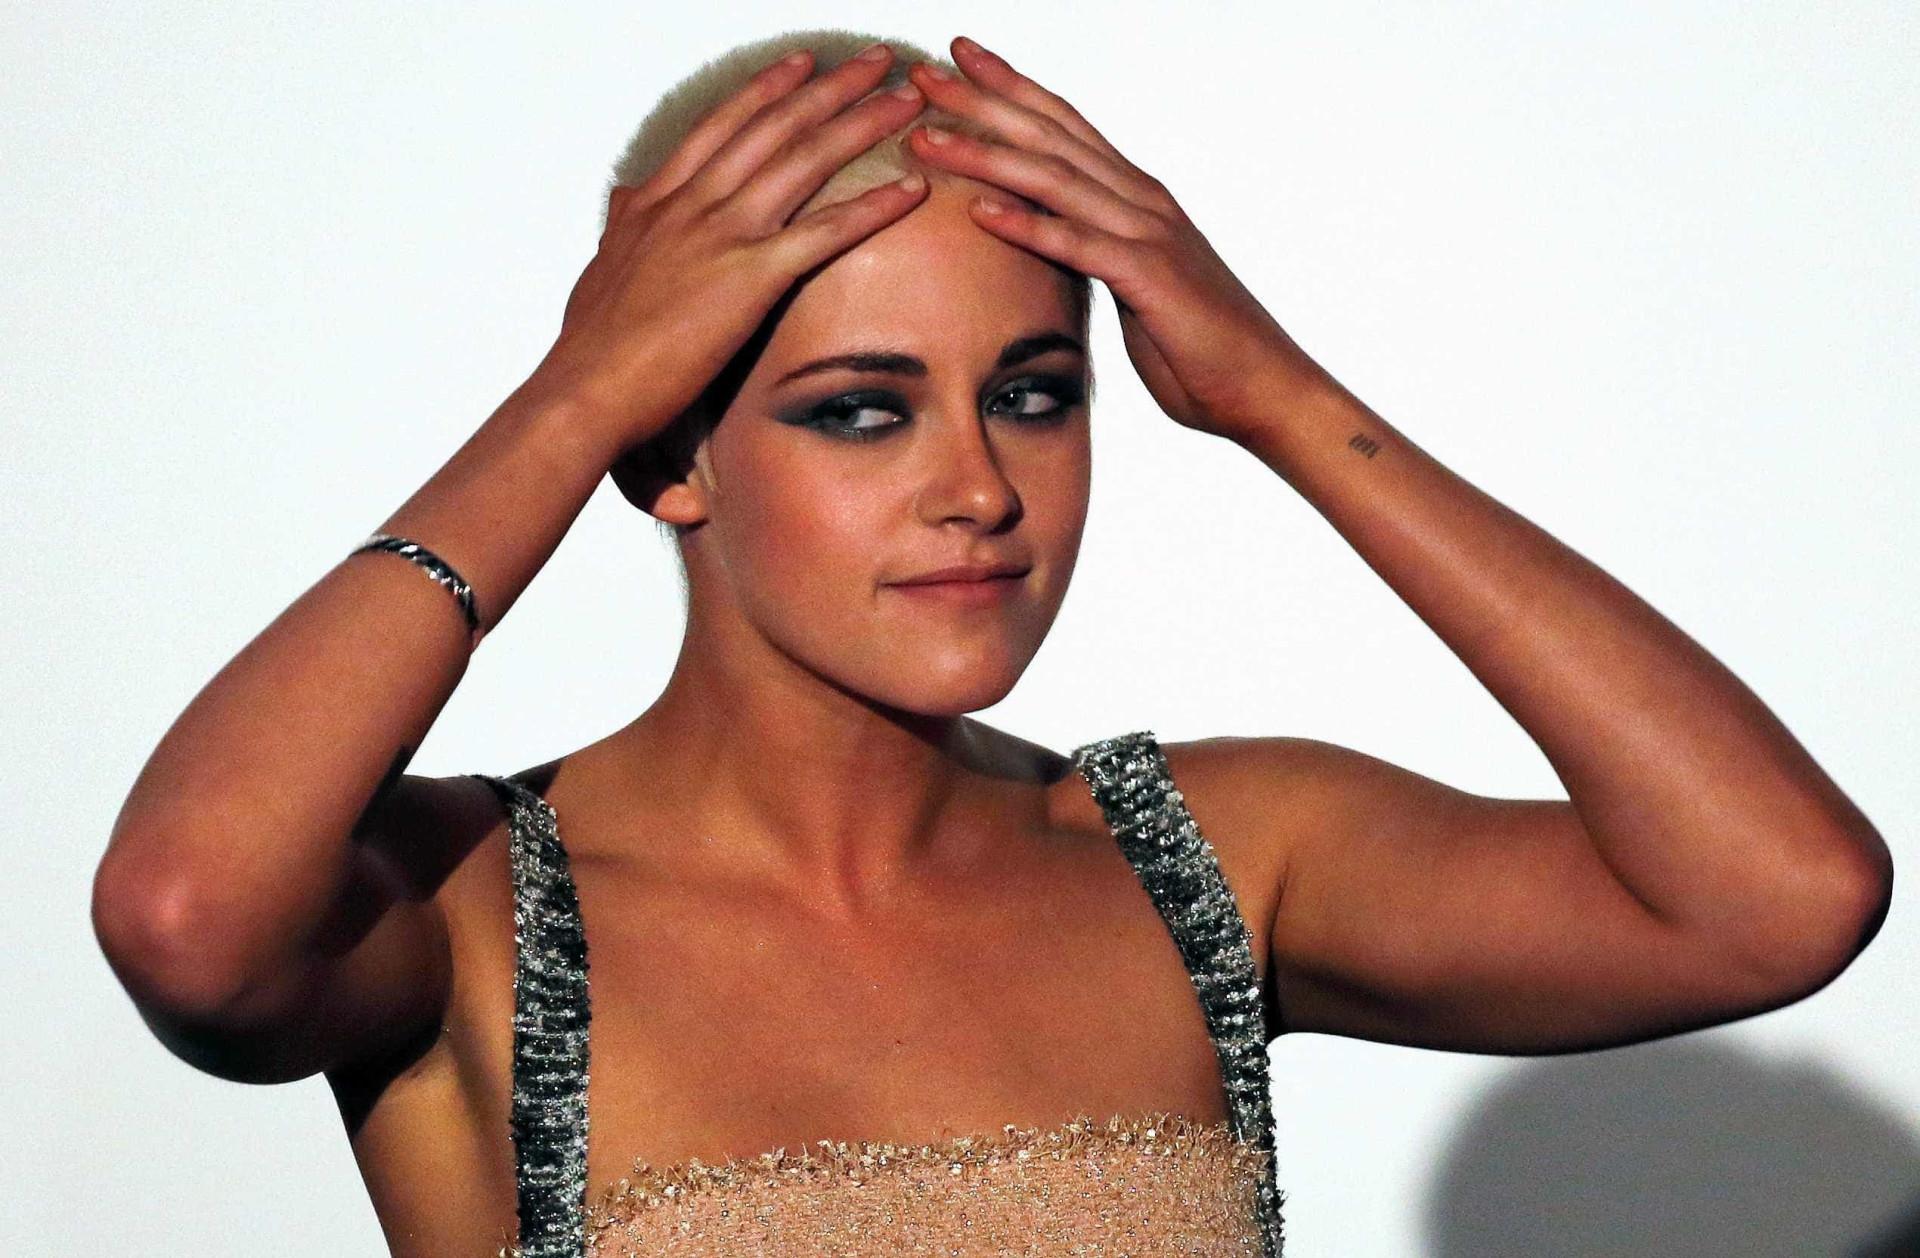 Confira as celebridades que assumiram publicamente ser LGBTs